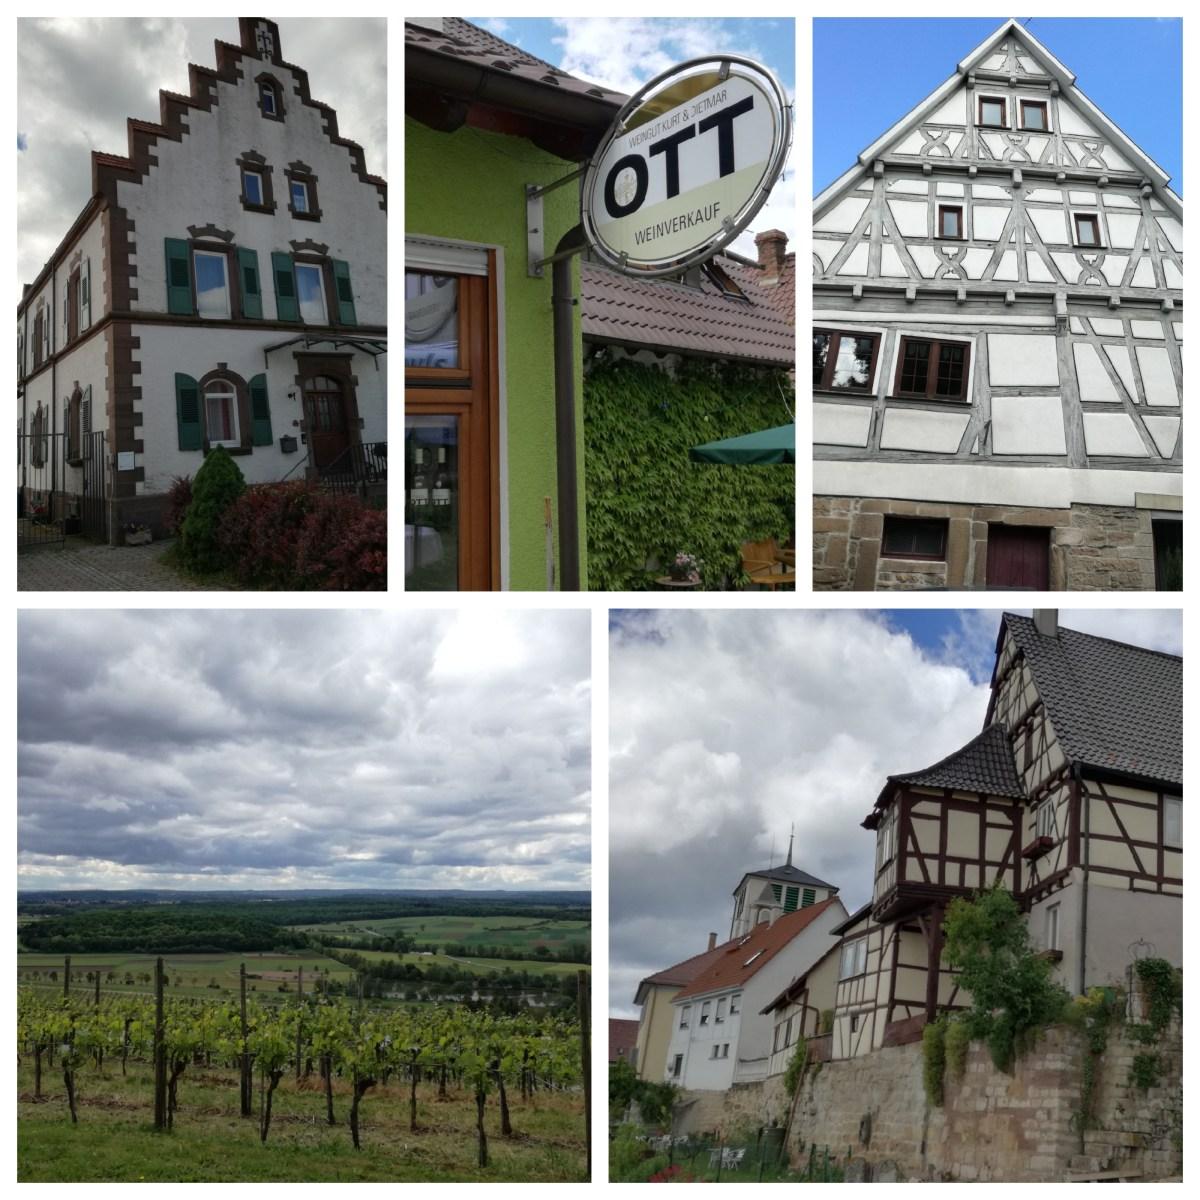 Ausflug zum Weinfest